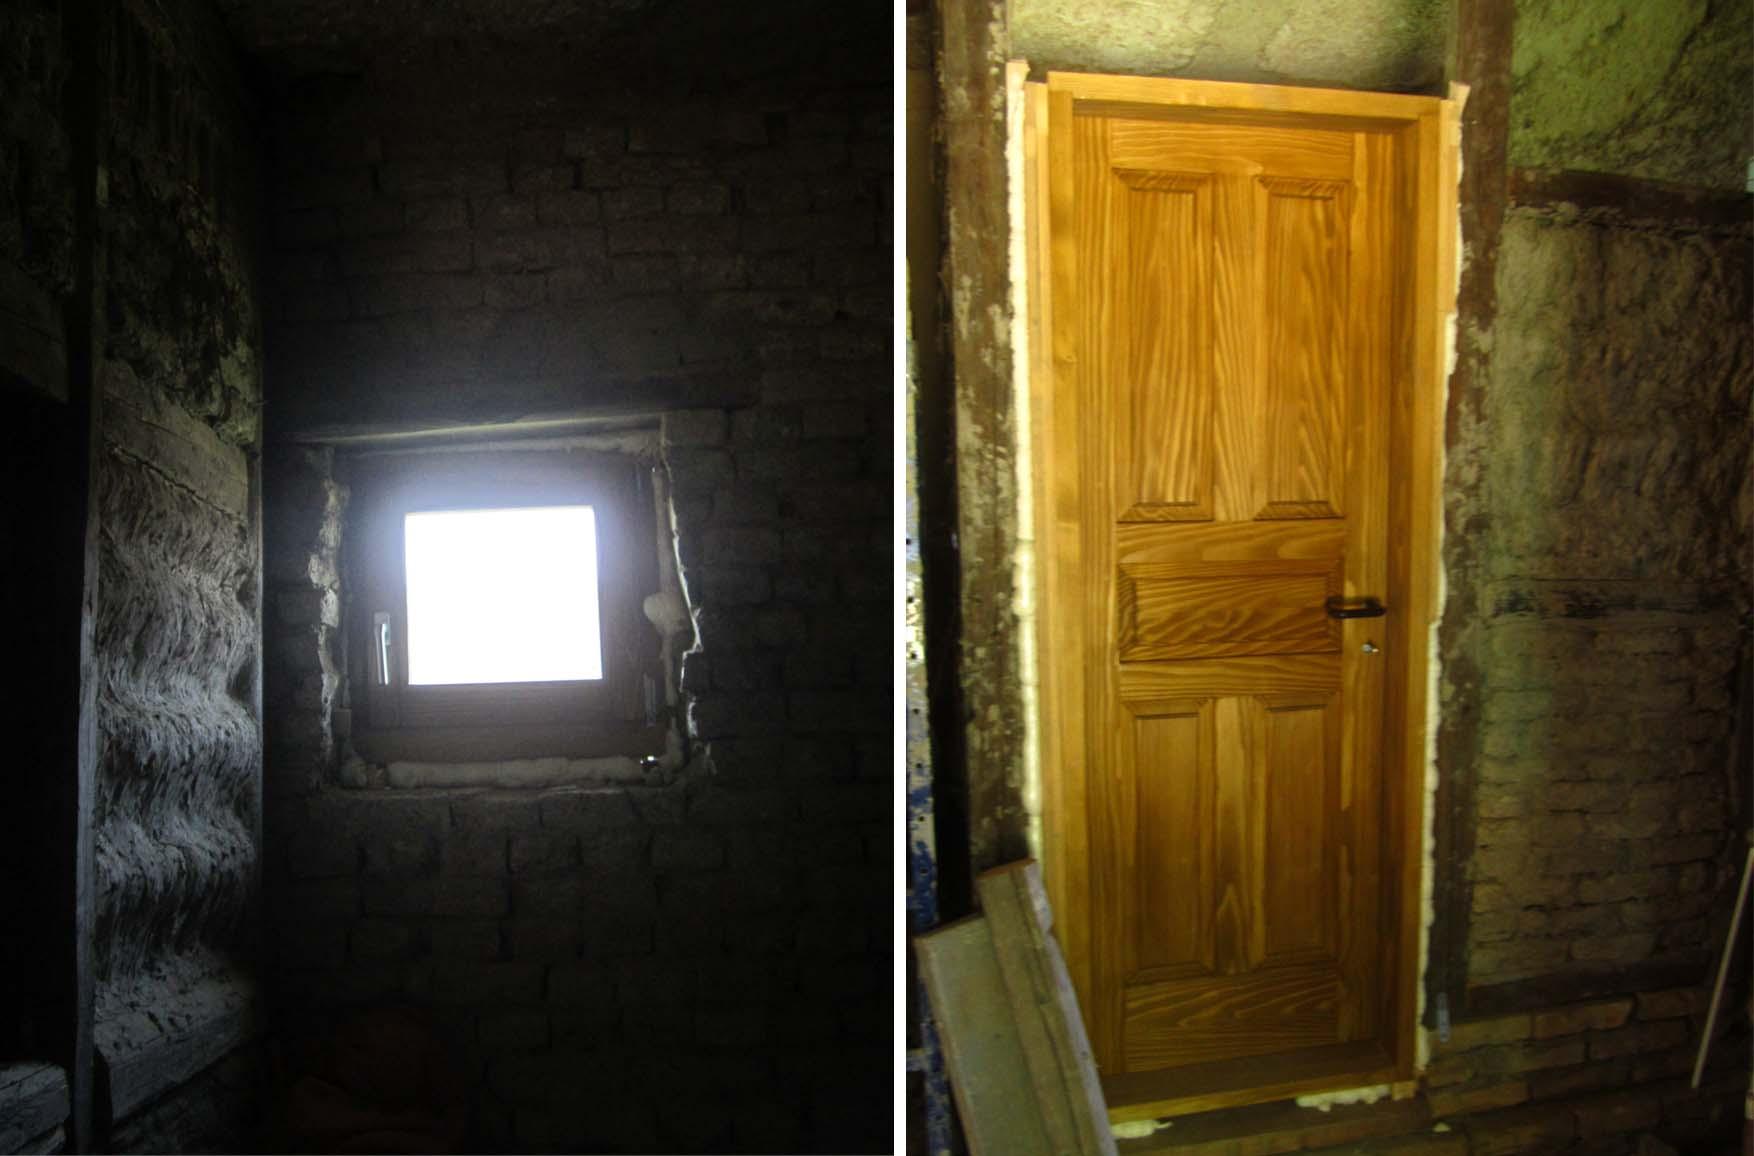 02 Mosorin kupatilo prozor vrata